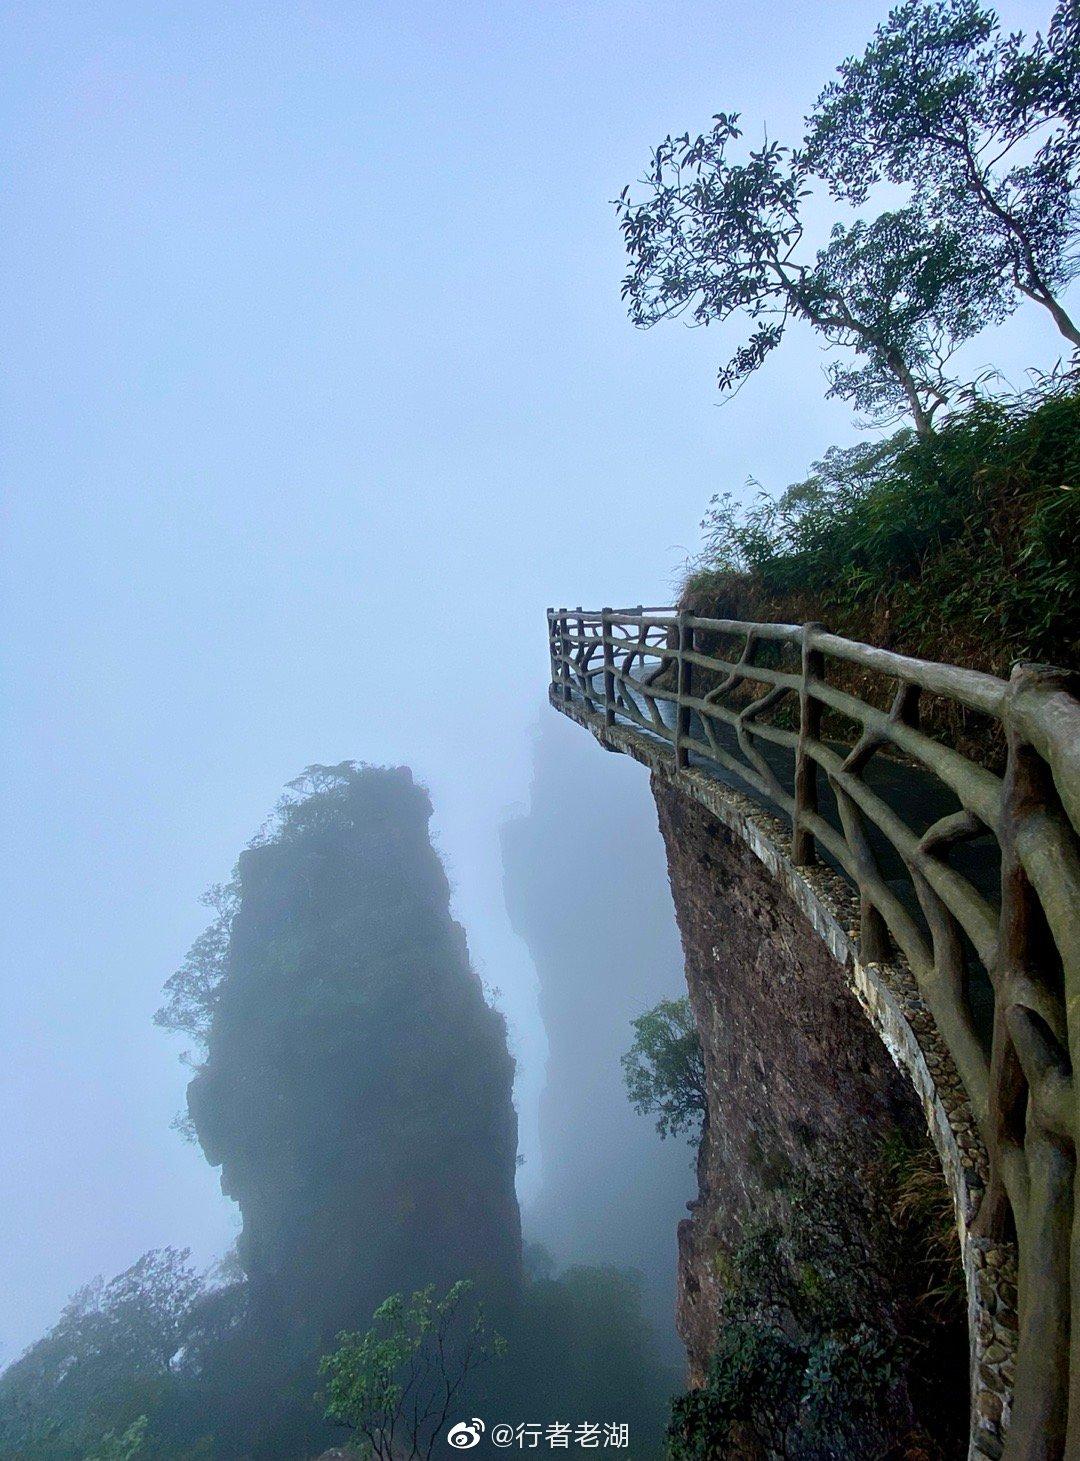 广西大瑶山麓的北帝山,山峰多姿,上山时蒙蒙细雨,云雾缭绕